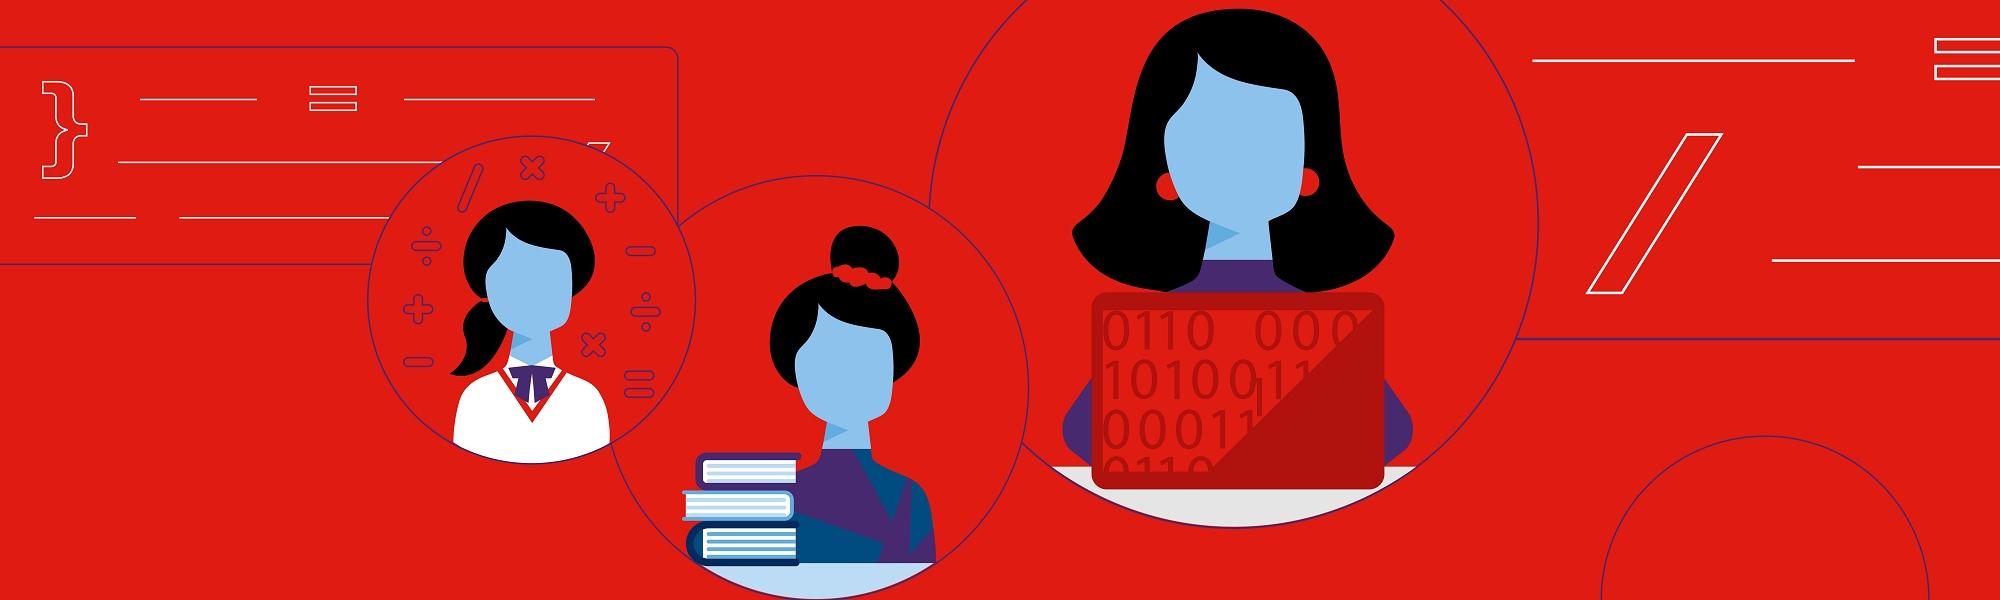 Women in tech need other women in tech